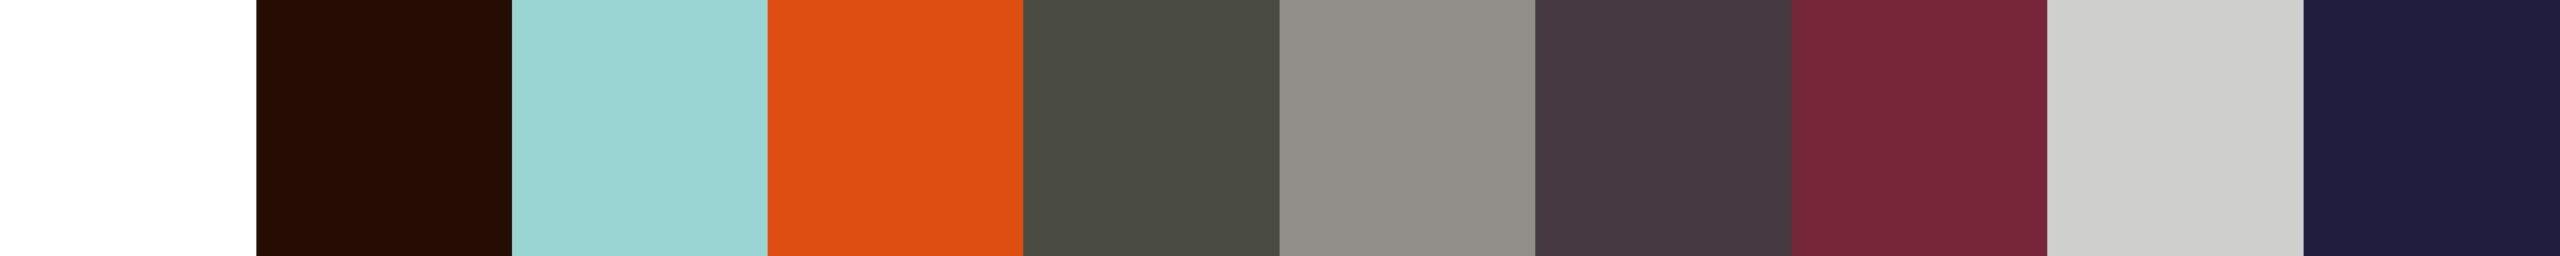 95 Dozalla Color Palette